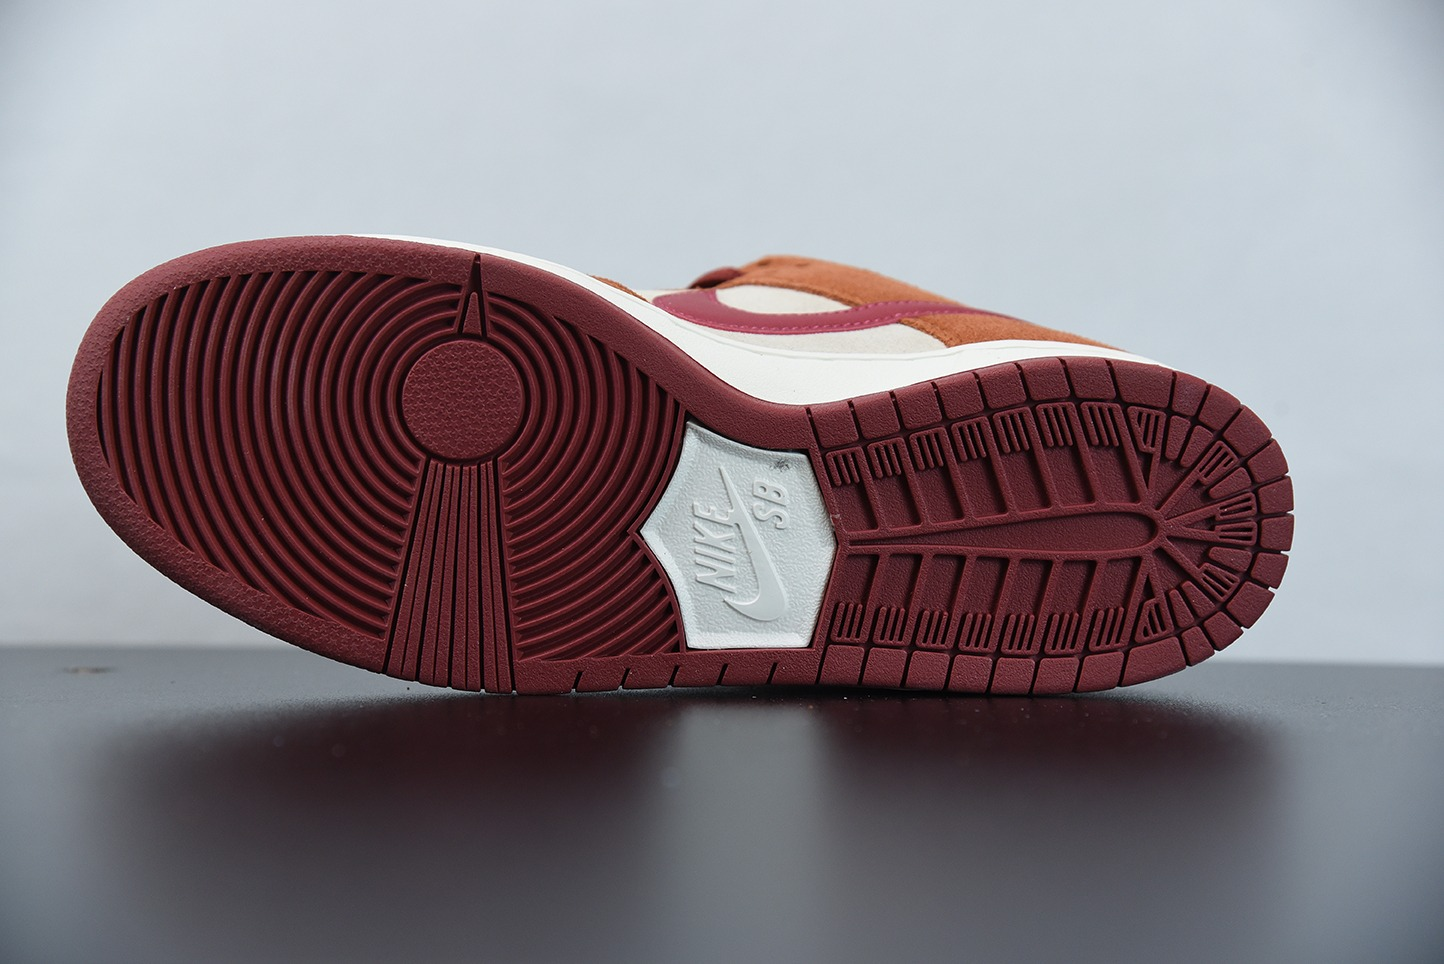 耐克Nike SB Dunk Lok Russet Cedar王一博同款红棕麂皮低帮休闲运动滑板鞋纯原版本 货号:BQ6817-202